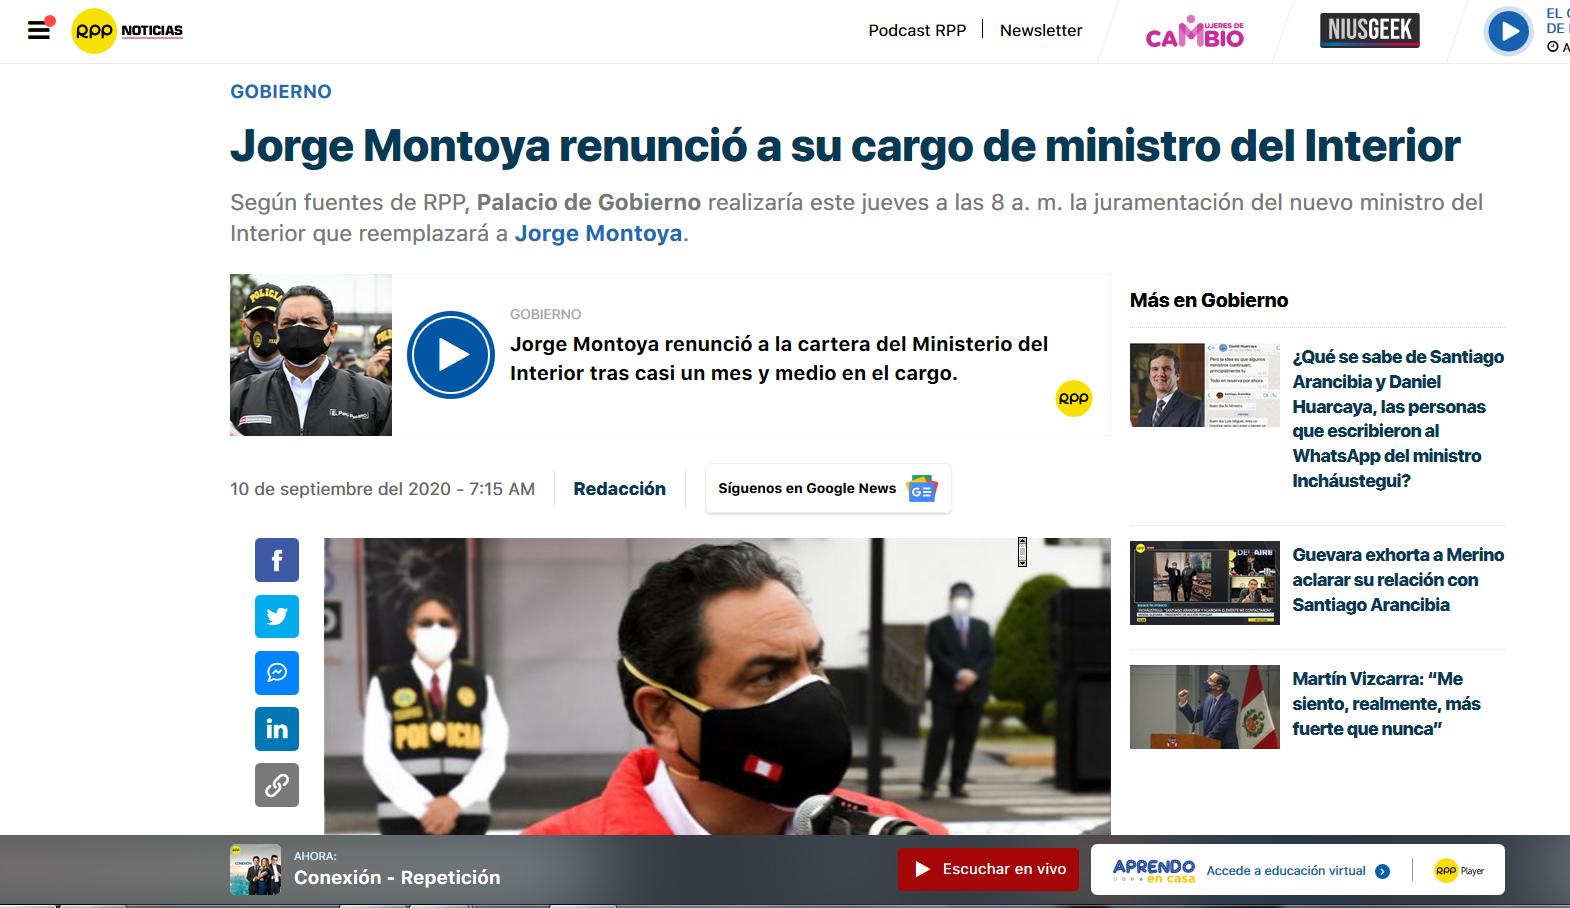 Ein schnellebiges Geschäft: 3 Wochen Später tritt der Minister wegen eines politischen Skandales zurück.  Im Zuge einer Ermittlung von 13 Todesfällen im Rahmen eines Polizeieinsatzes in einer Diskothek in Lima kam es zu Unregelmäßigkeiten.